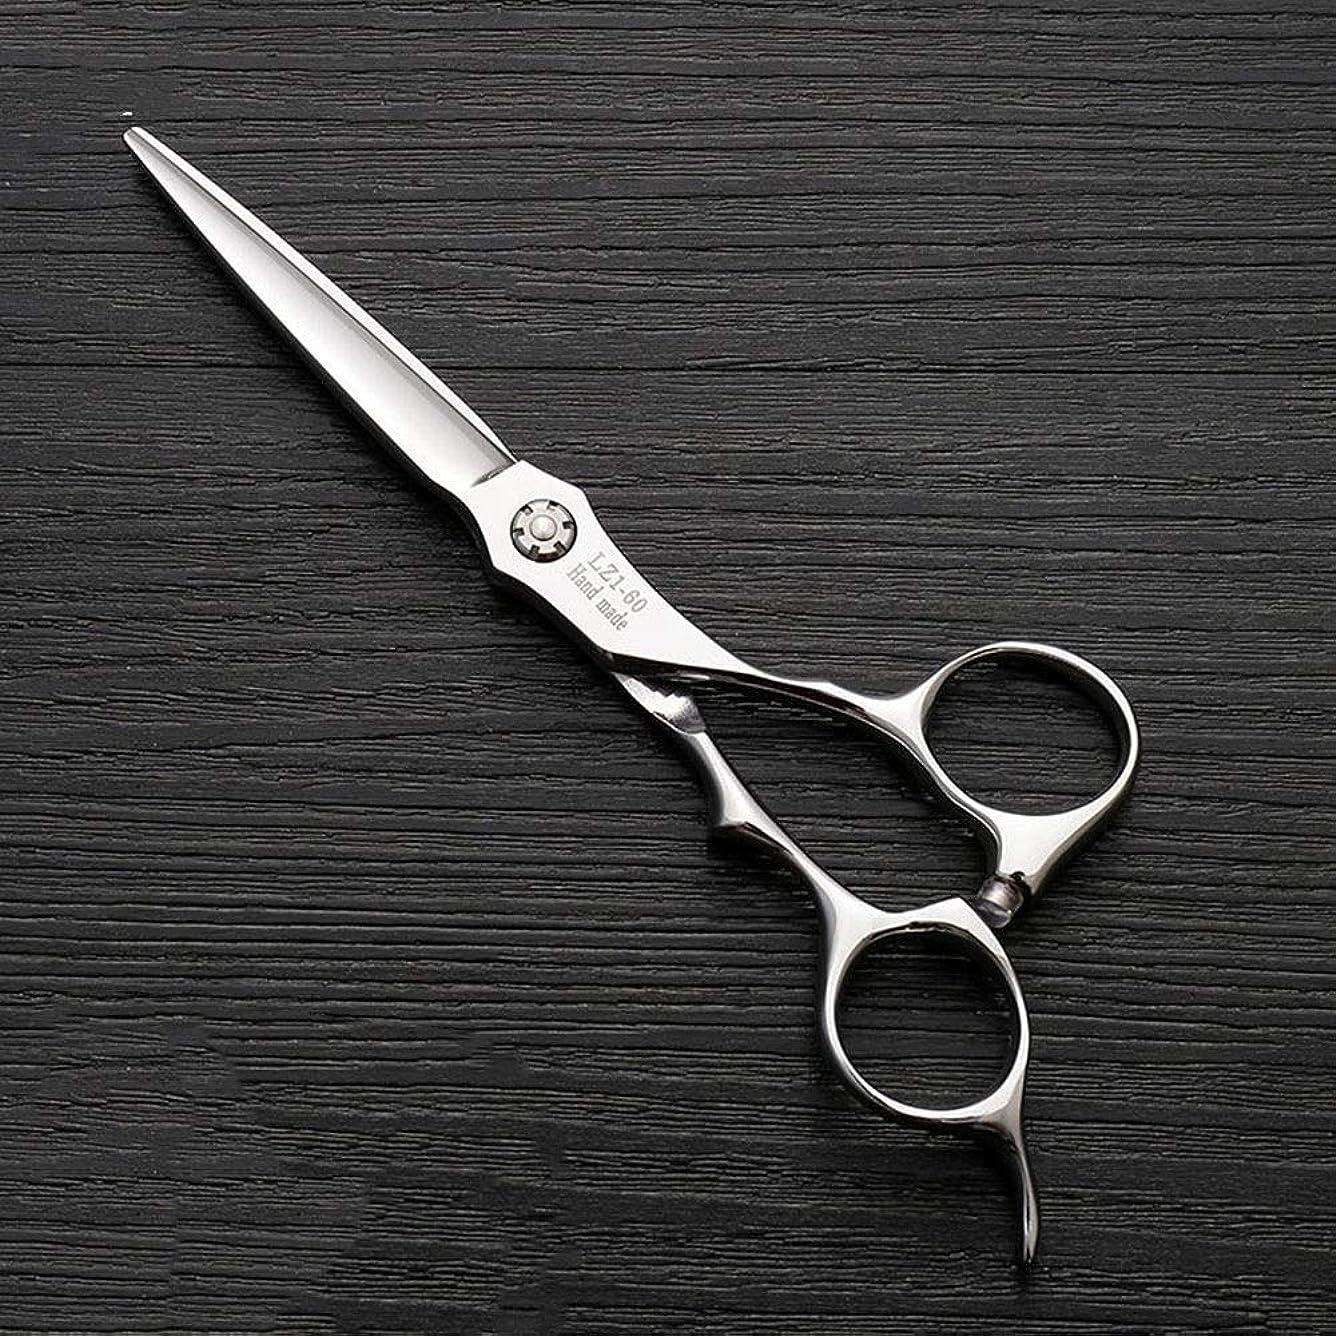 別の離れた置くためにパックXIUxiu 散髪はさみハサミ カットバサミ セニング 散髪はさみはさみ プロ用 すきバサミ ヘアカット カットシザー 高品質 耐久性 美容院 ステンレス鋼 専門はさみ 6インチ オシャレ (色 : Silver)